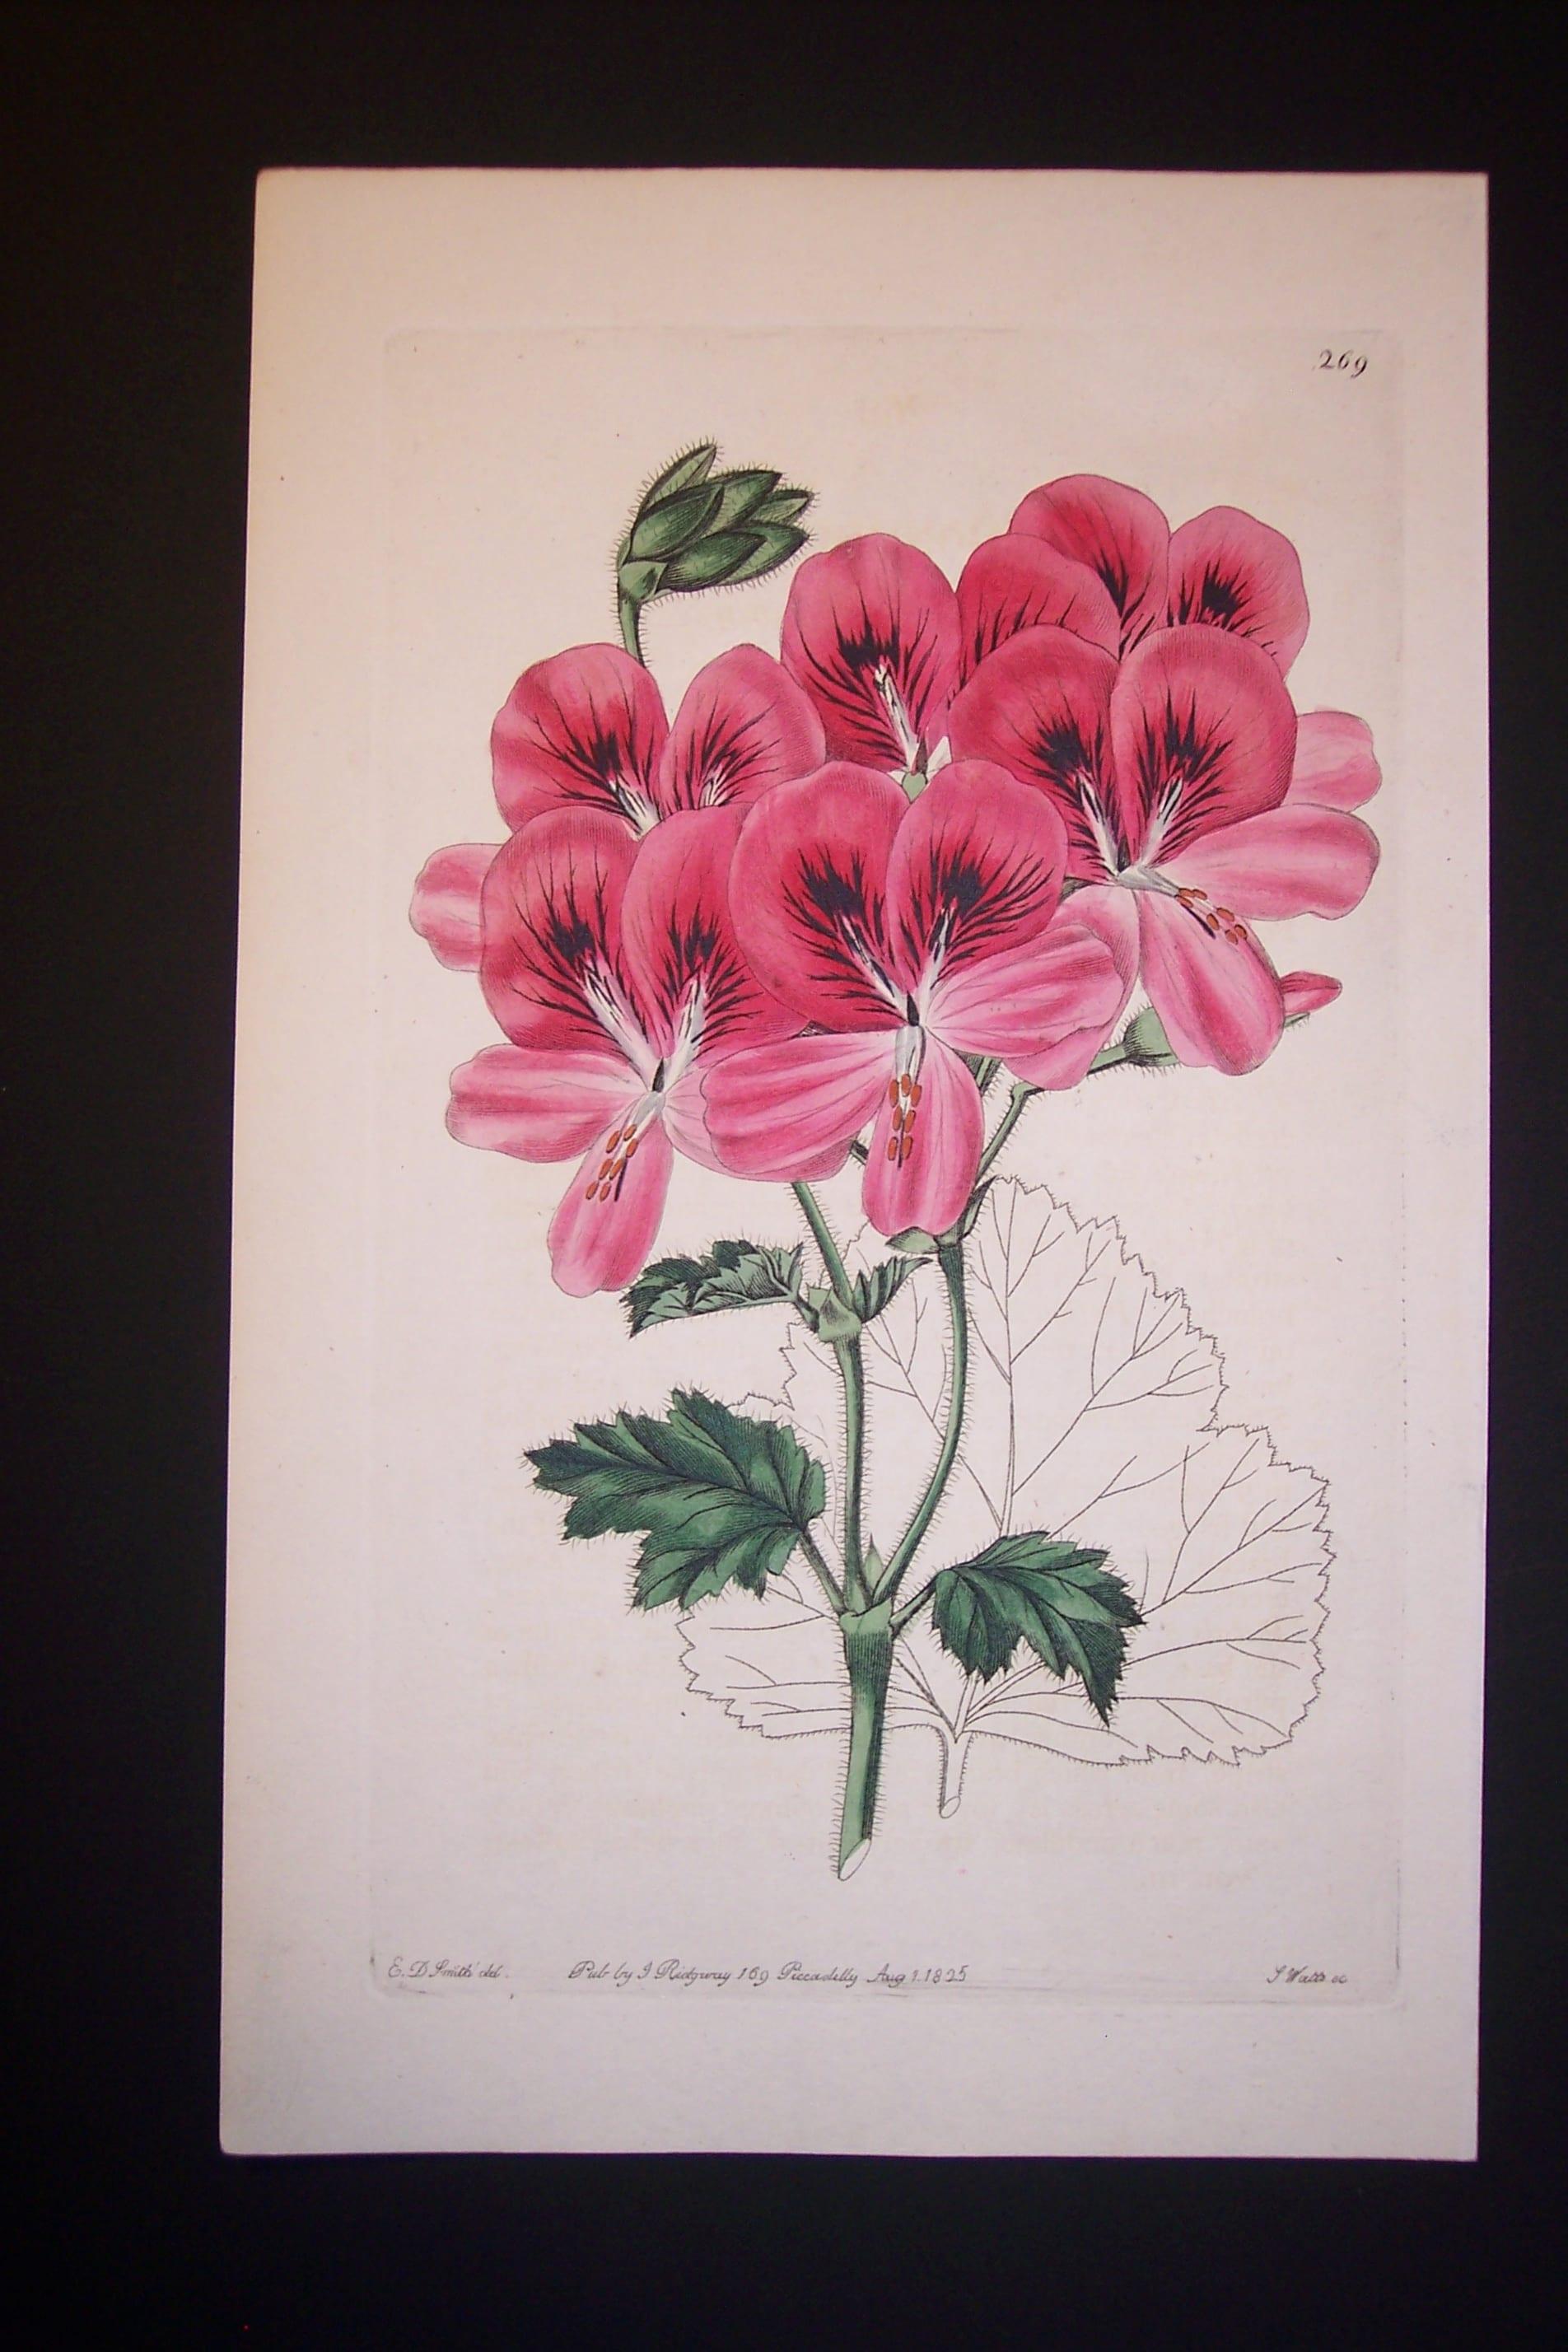 Sweet Geranium 269